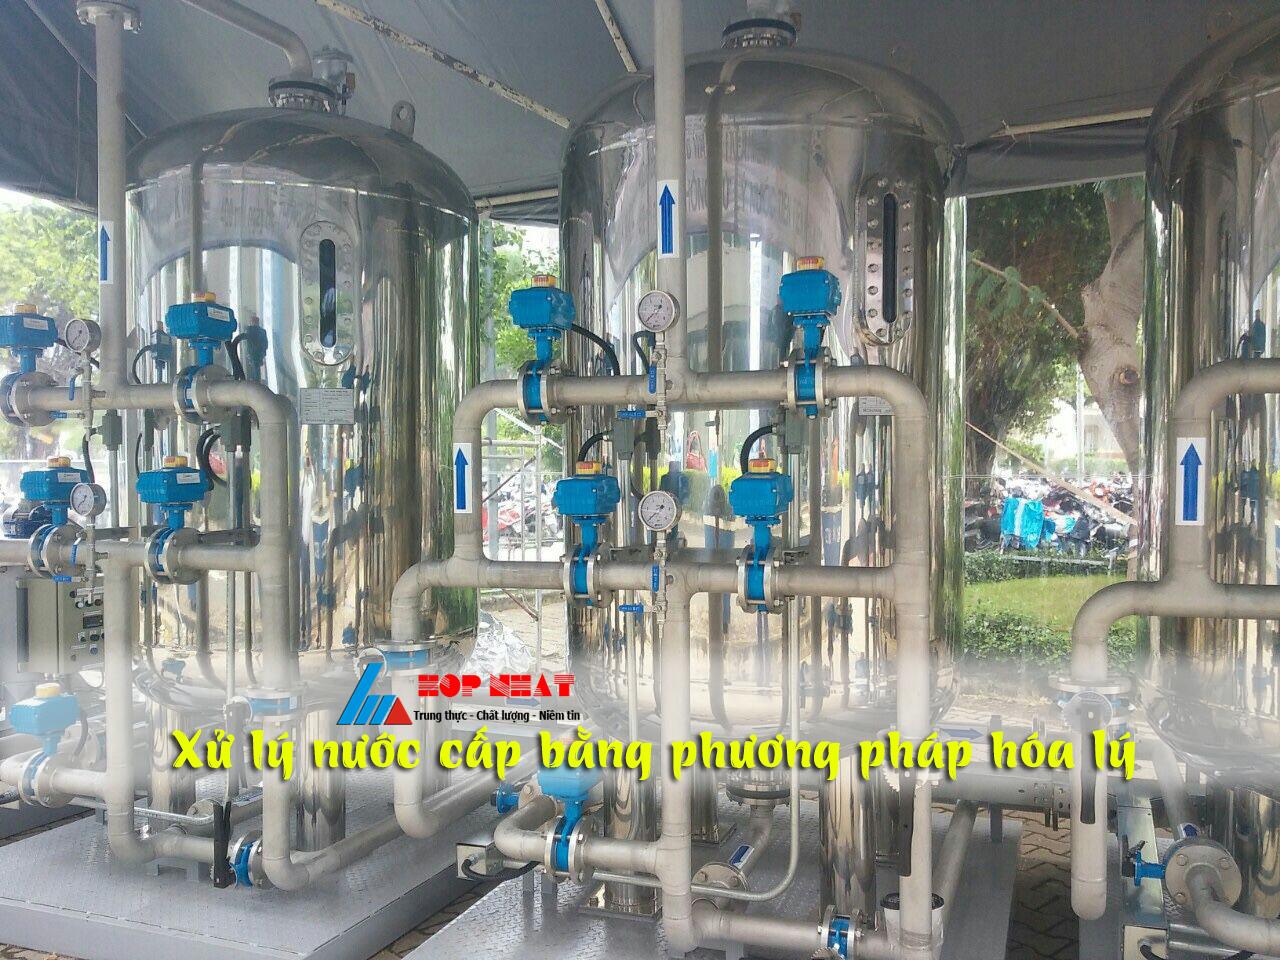 phương pháp xử lý nước cấp